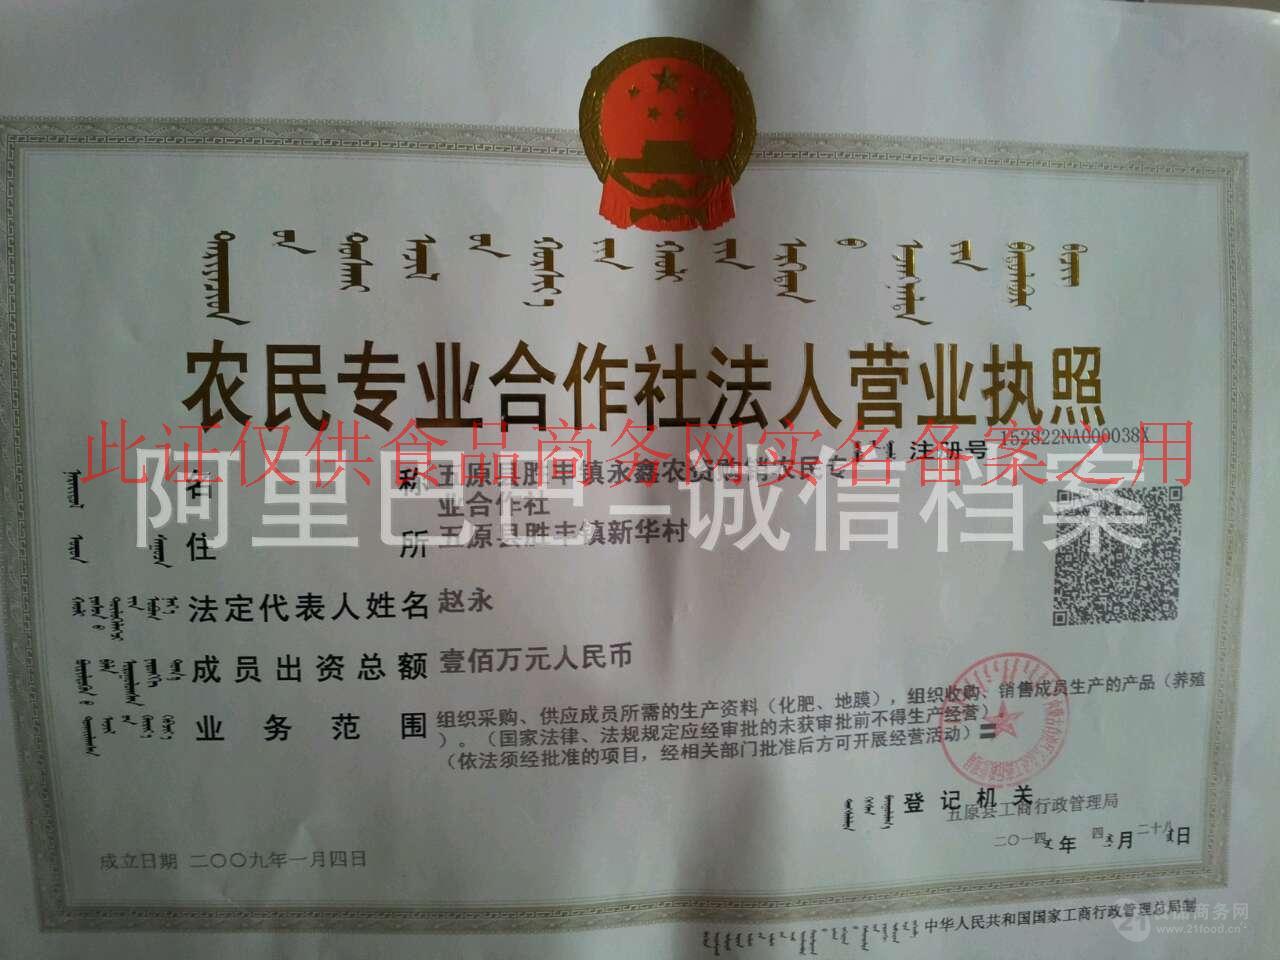 五原县胜丰镇永鑫农资购销农民专业合作社